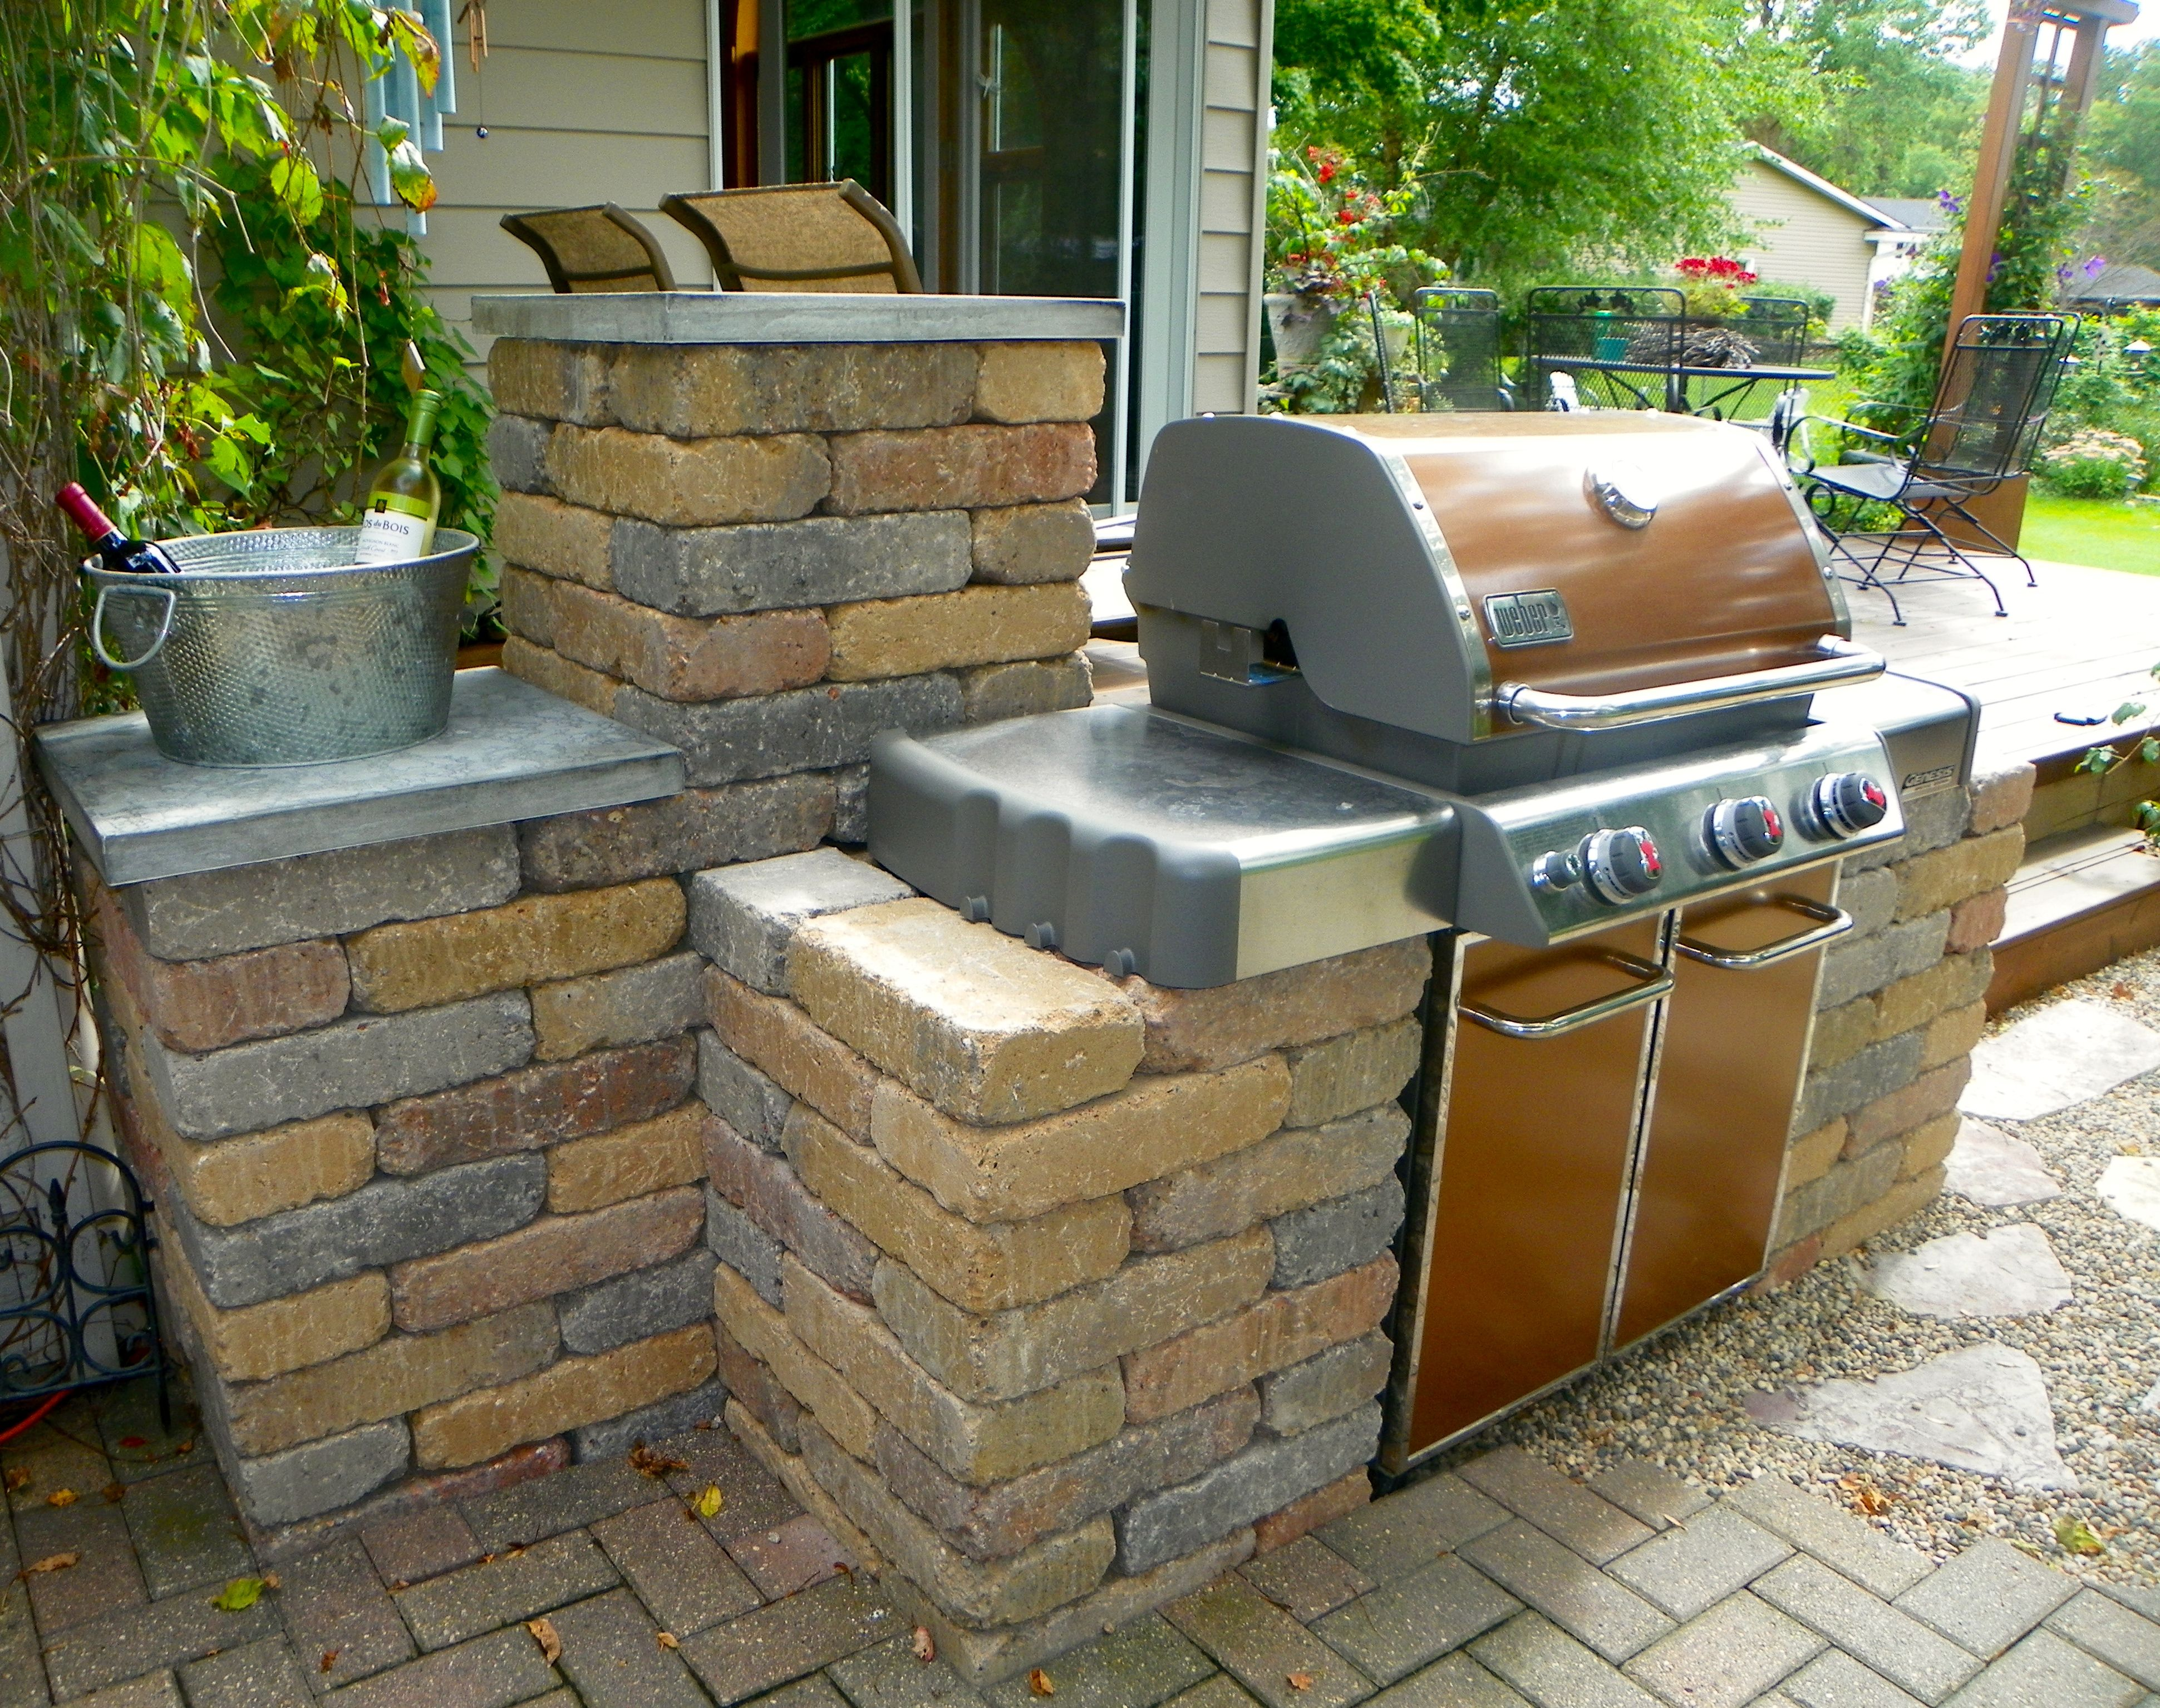 Outdoorküche Mit Weber Genesis : Grill küche weber fahrbare outdoor küche küche outdoor küche ideen